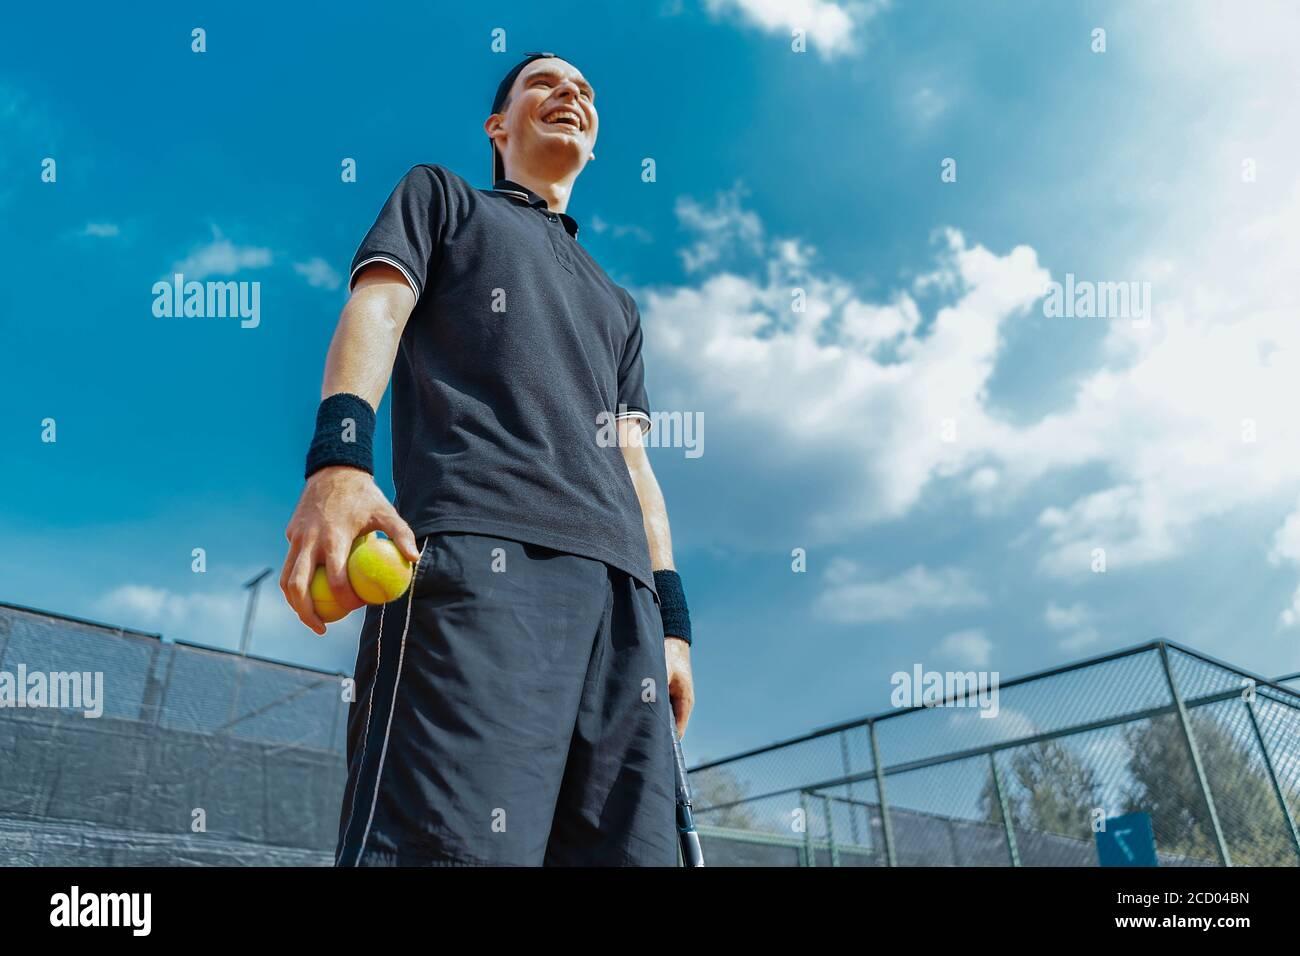 Gros plan sur Young attractive Man Laughung et détente après le tournoi et tenue de balles de tennis et raquette. Banque D'Images